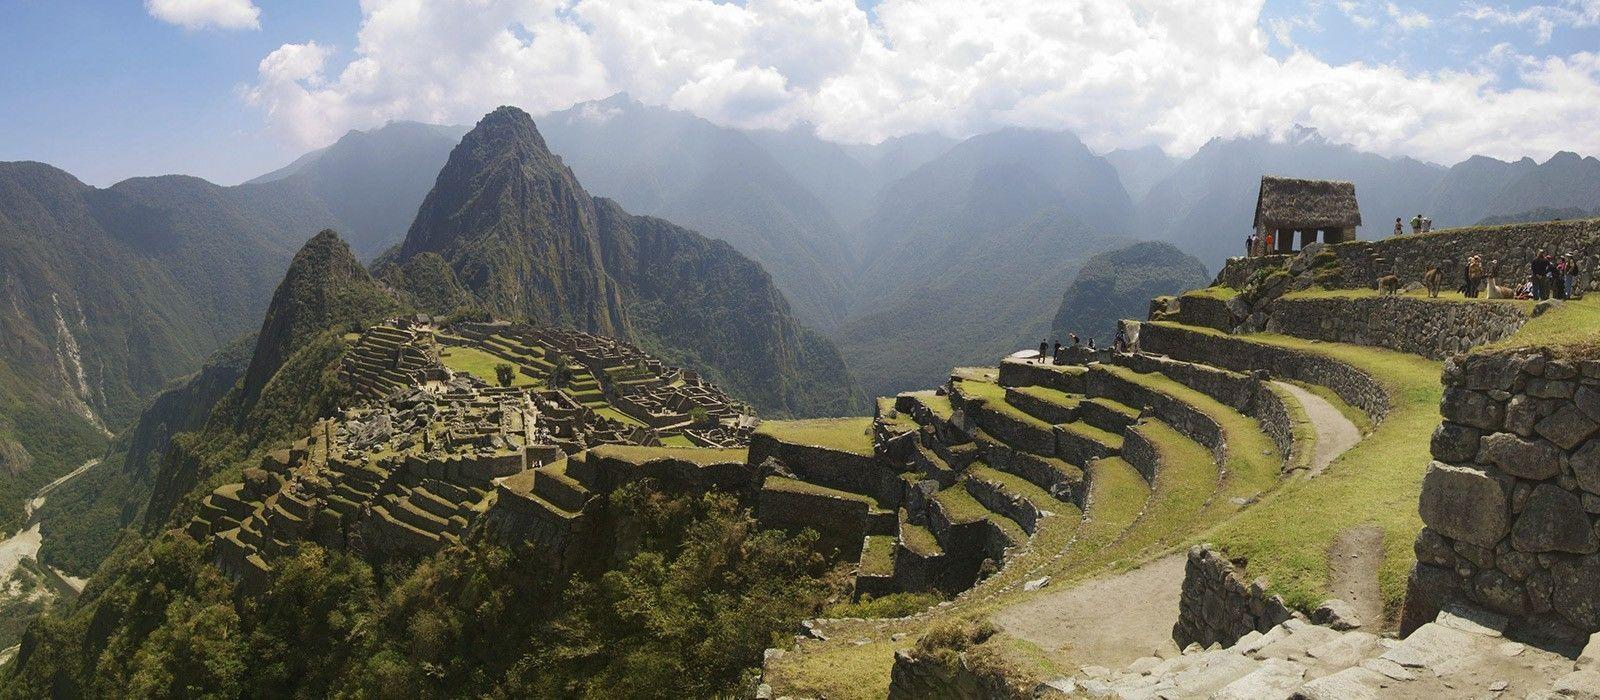 Luxusreise: Peru vom Feinsten Urlaub 4